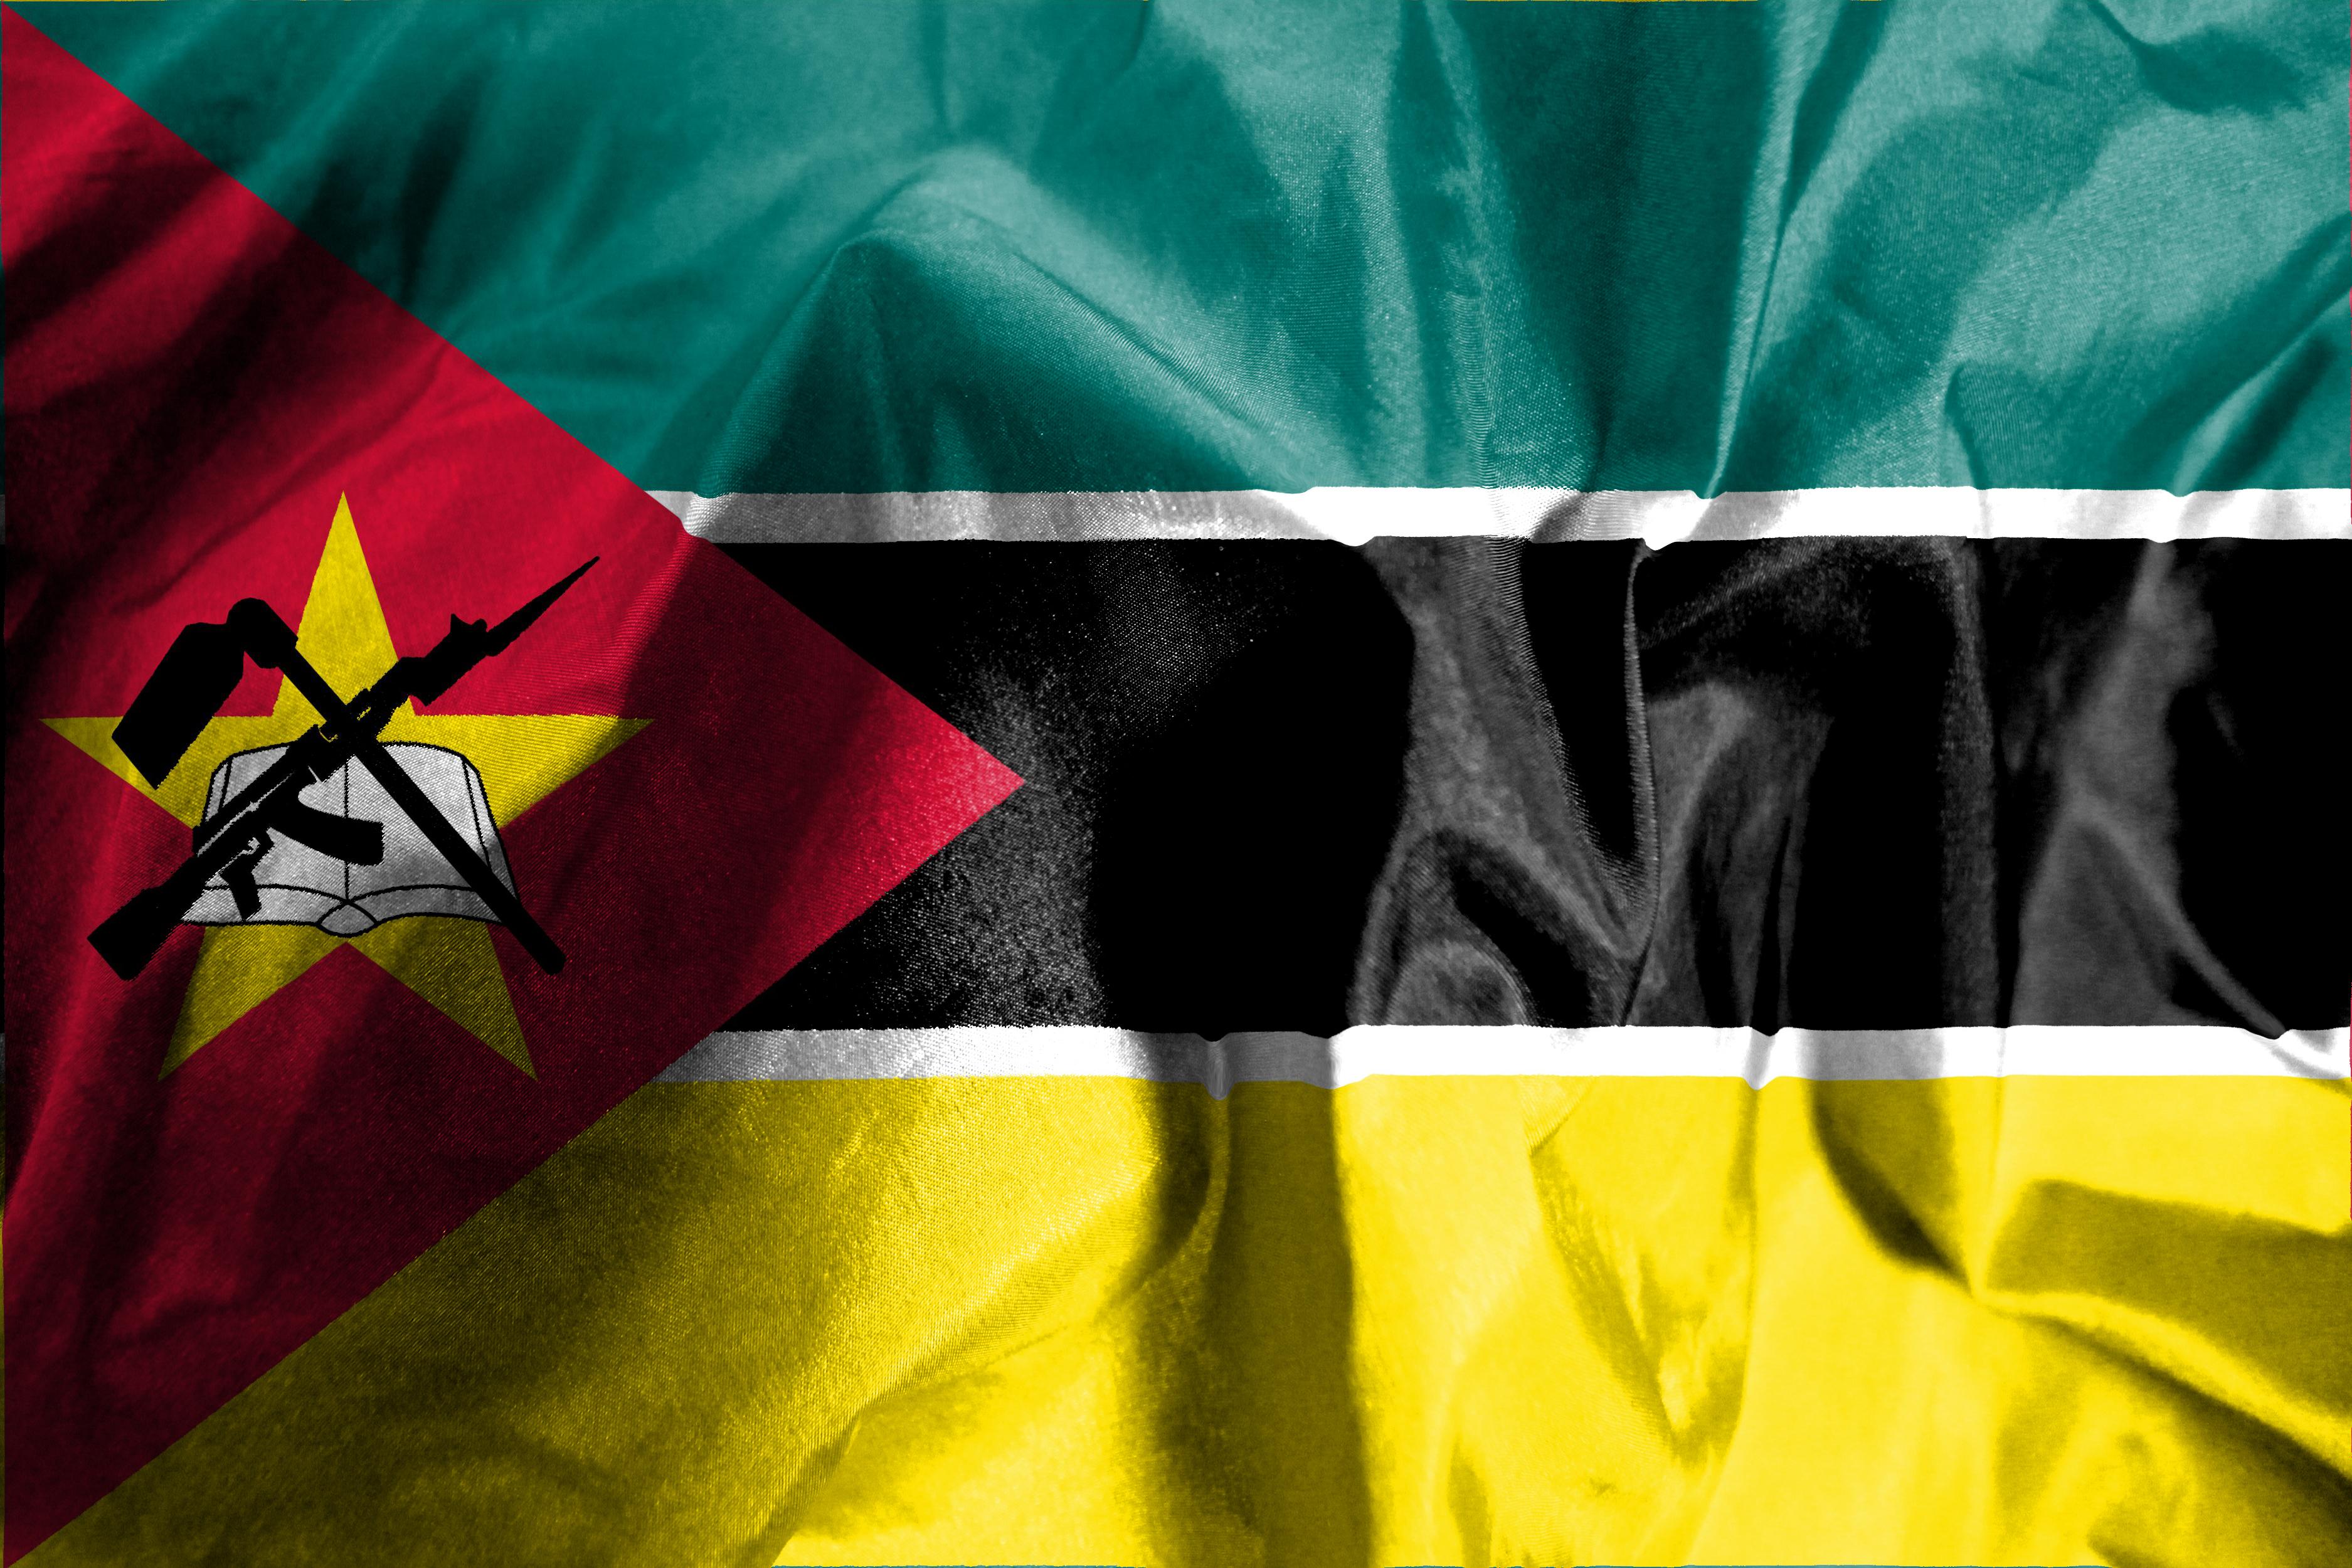 Um morto e seis feridos em ataques separados em Cabo Delgado, Moçambique